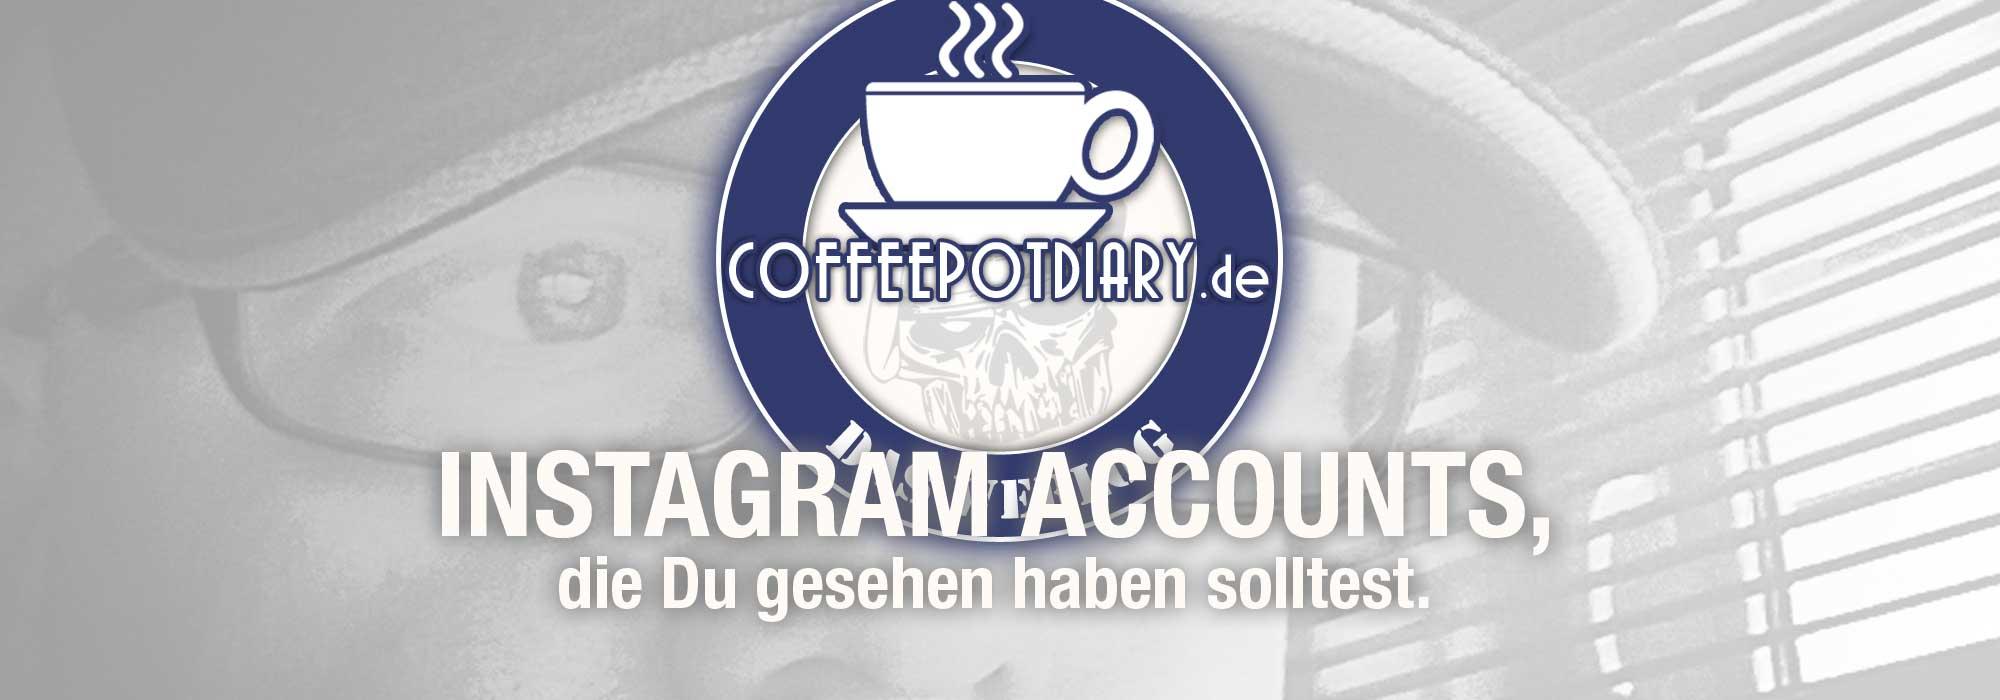 Coffeepotdiary, Jens Scheider, Instagram, Account, Review